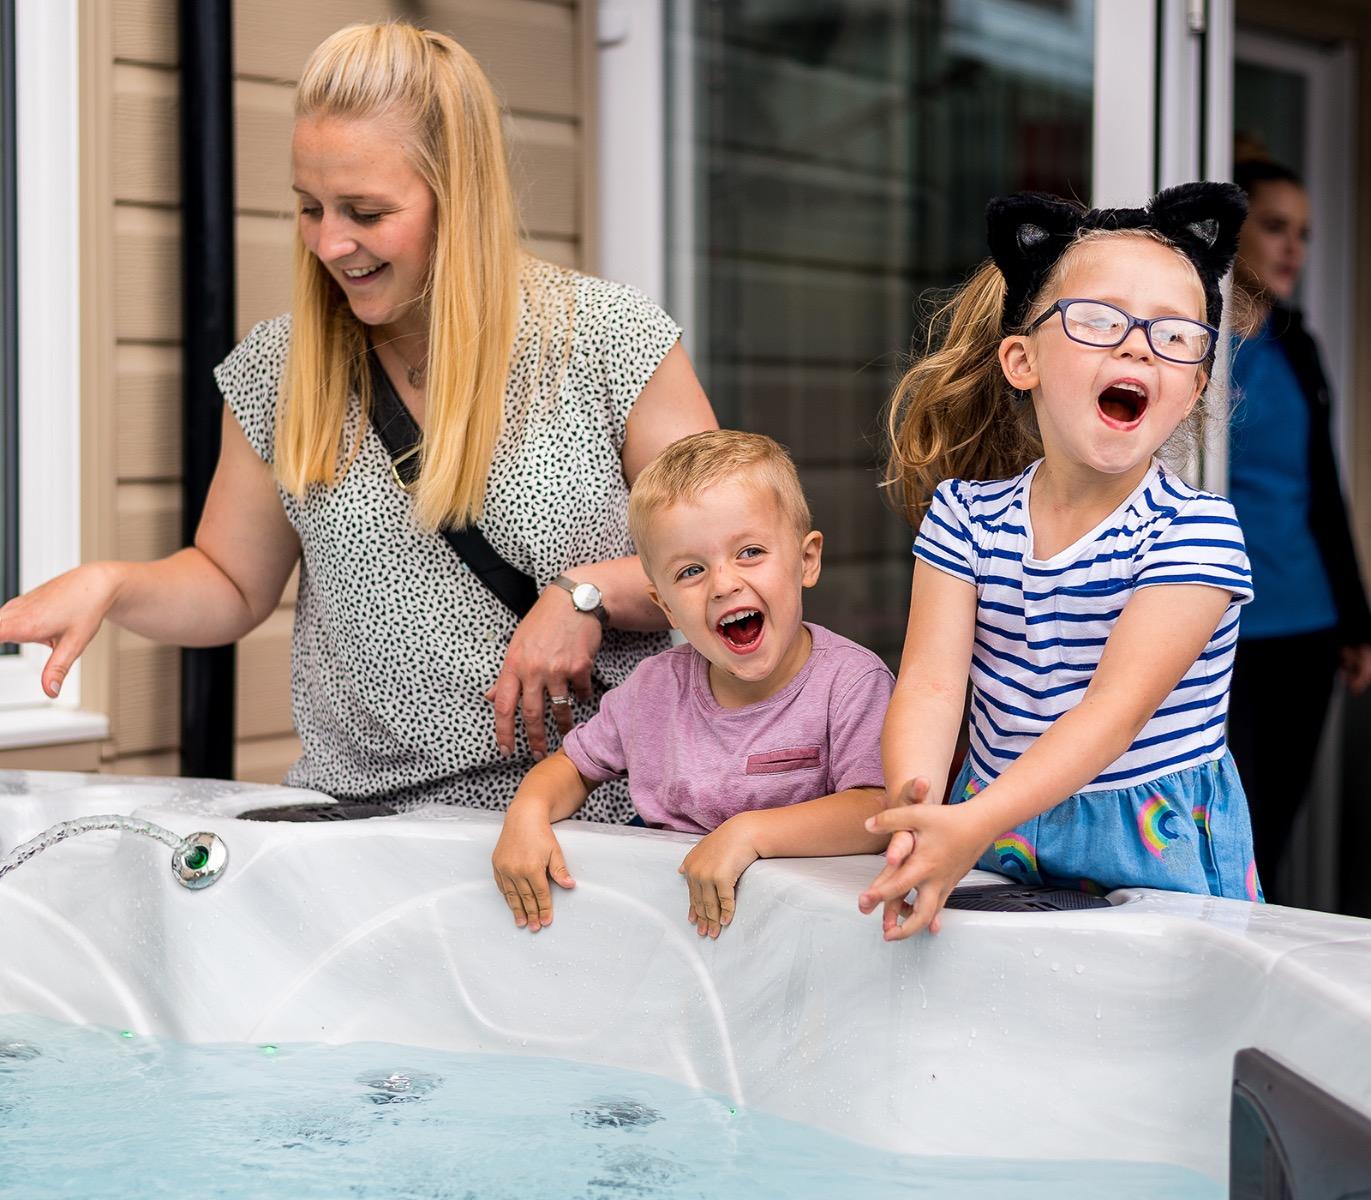 Customers Looking at Hot Tub